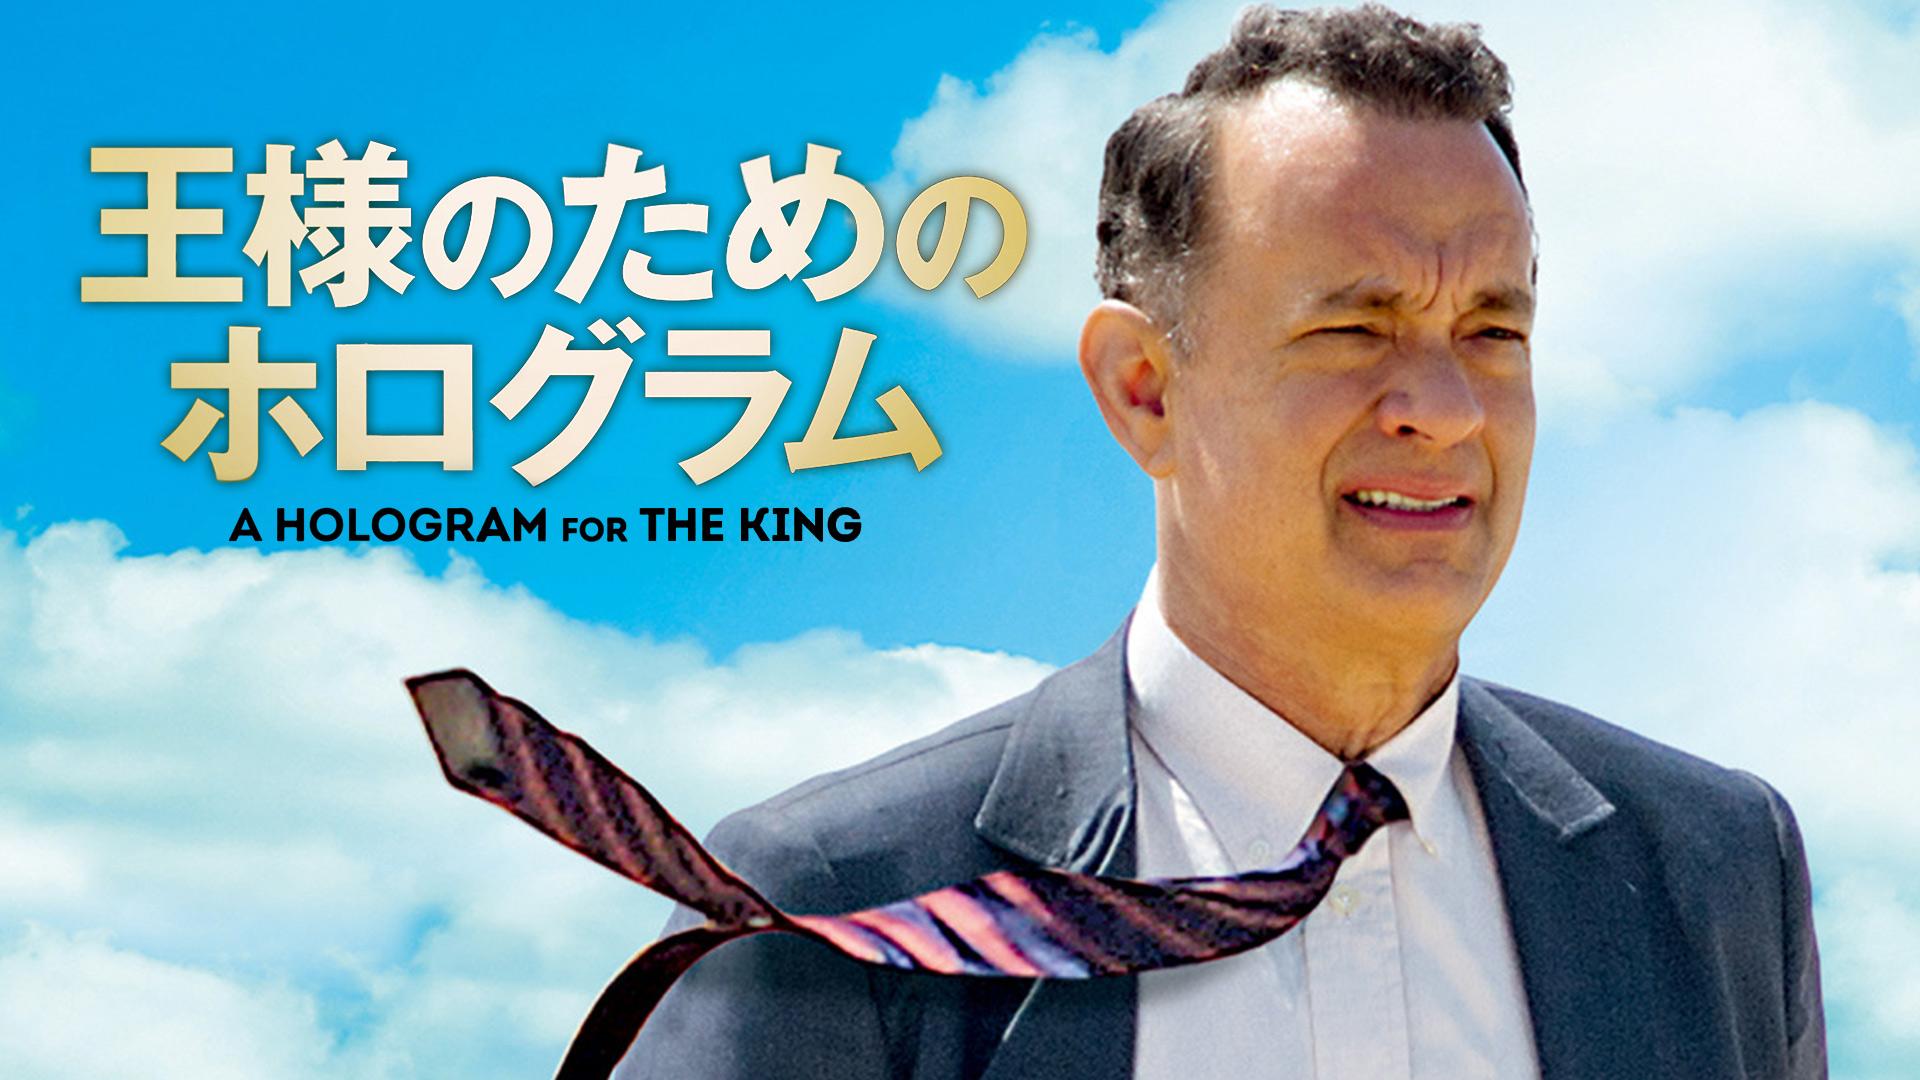 王様のためのホログラム(吹替版)